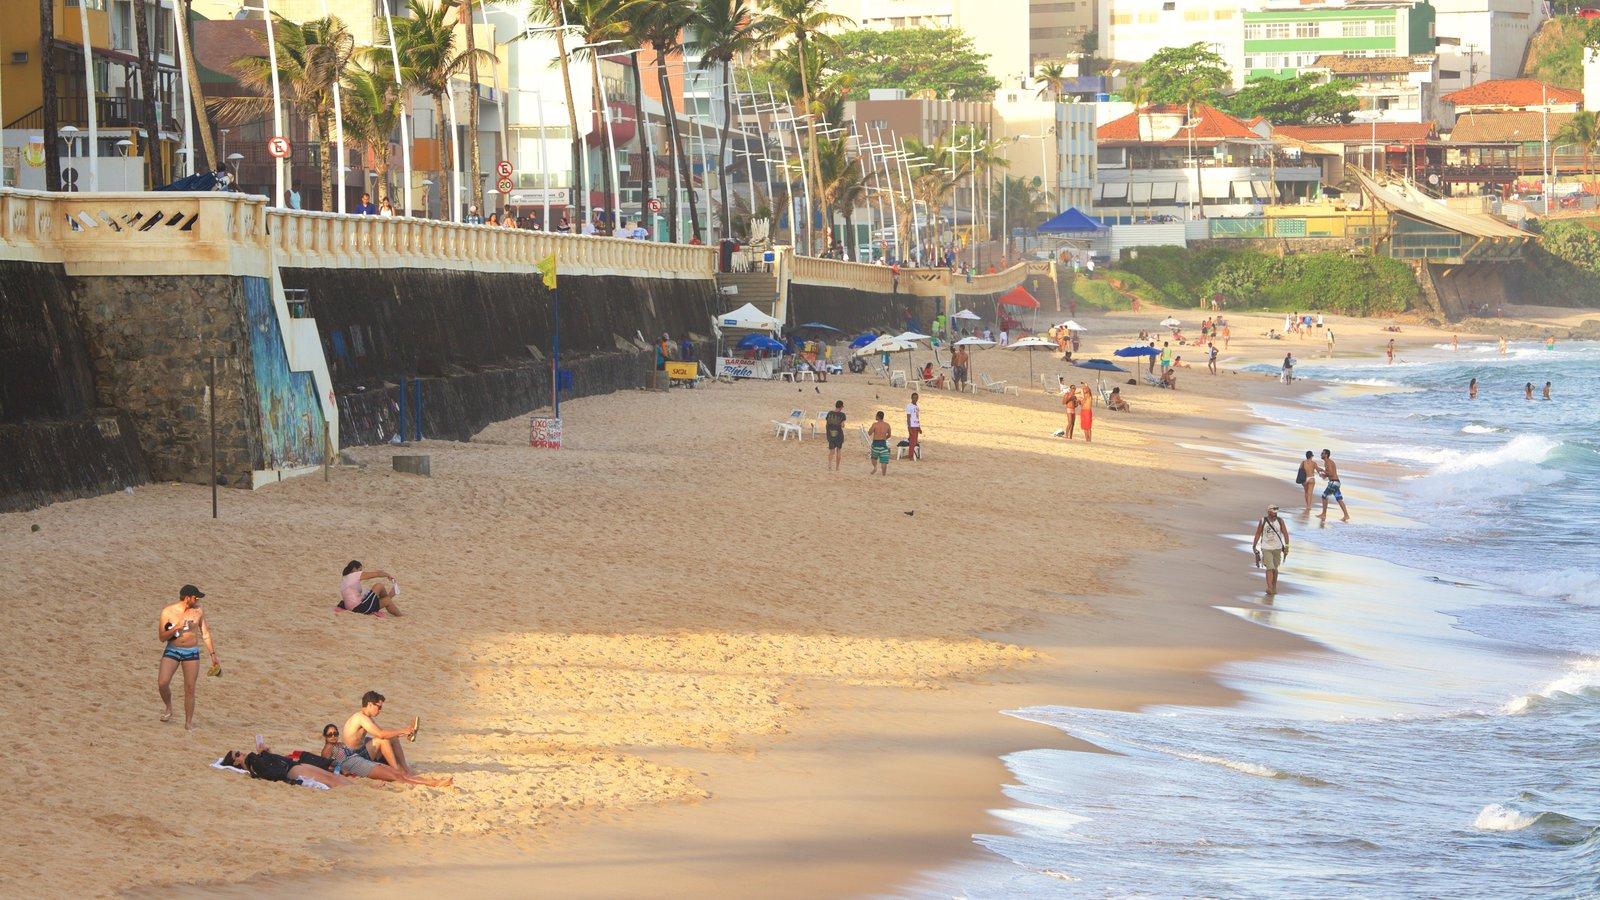 Praia do Farol da Barra caracterizando paisagens litorâneas, uma cidade litorânea e uma praia